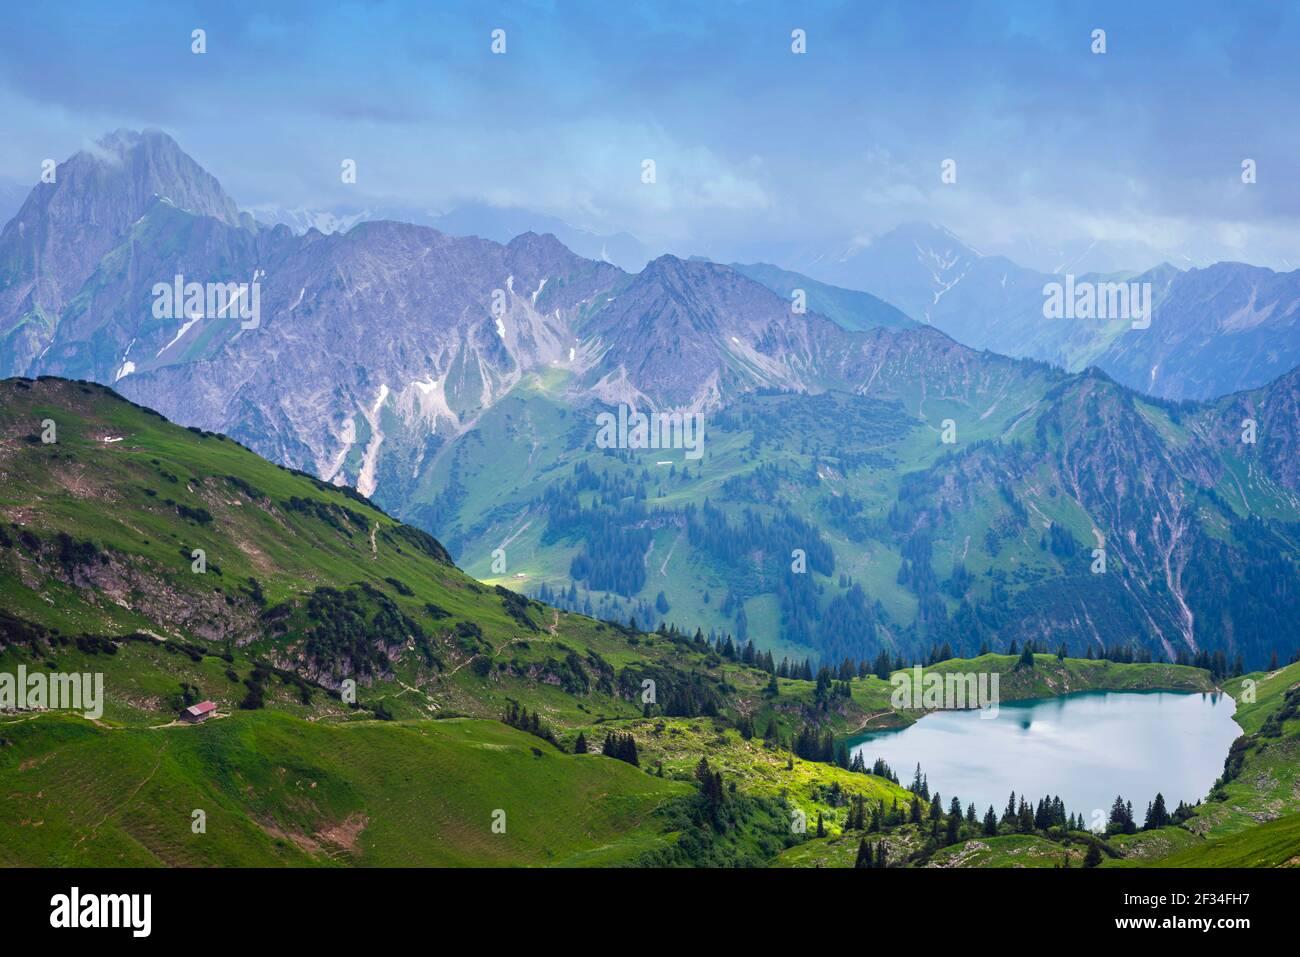 Geografia / viaggio, Germania, Baviera, panorama dal Zeigersattell (crinale di montagna) al Seealpsee (lago), dietro sinistra la H, libertà di Panorama Foto Stock